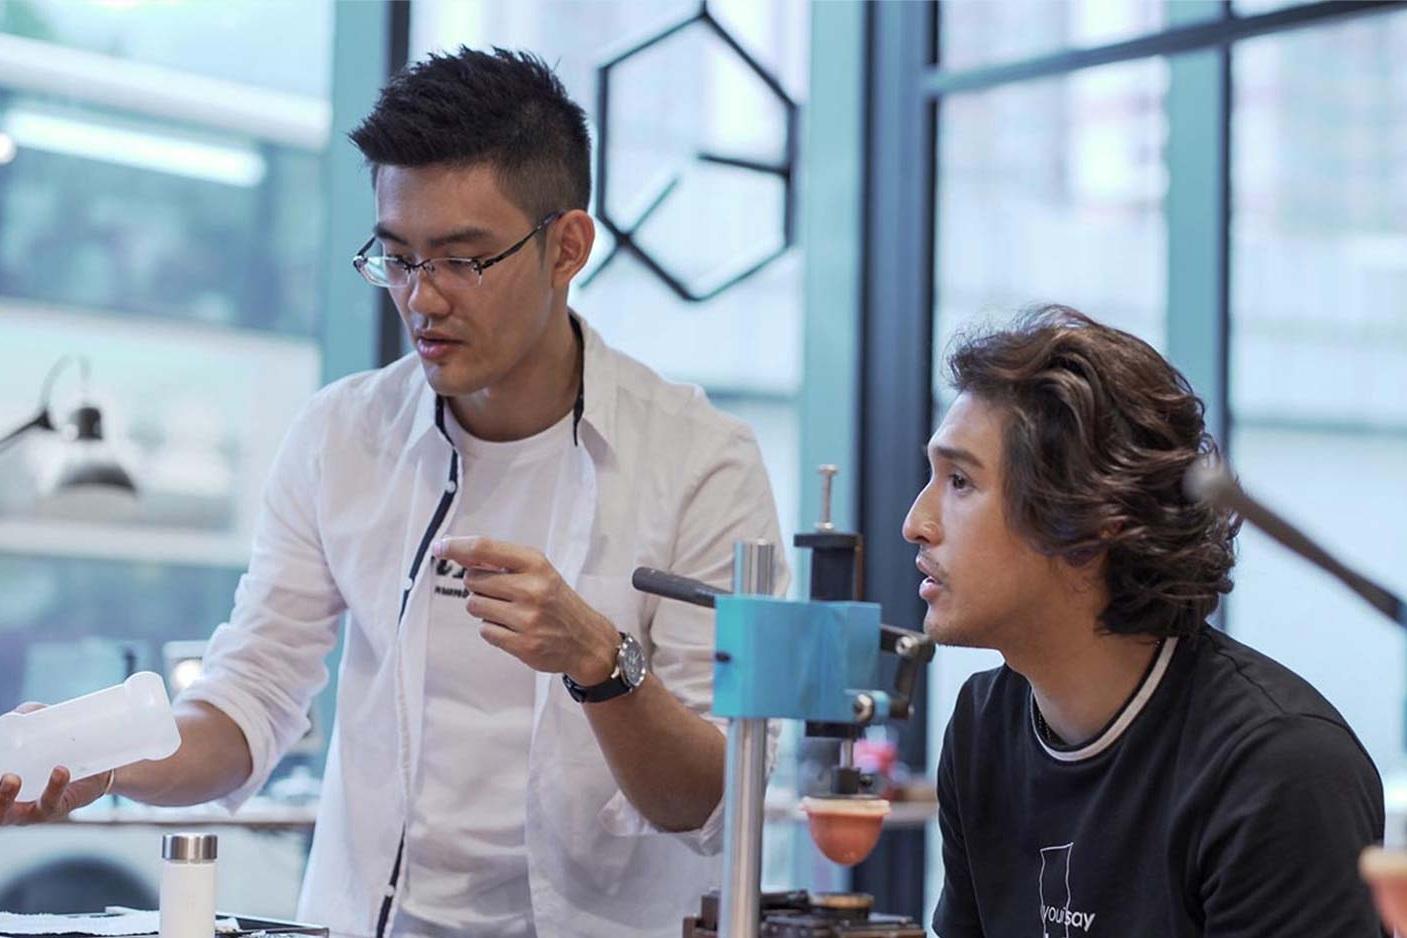 SHINE 黃又南 與 Quinn 討論移印工作坊的流程